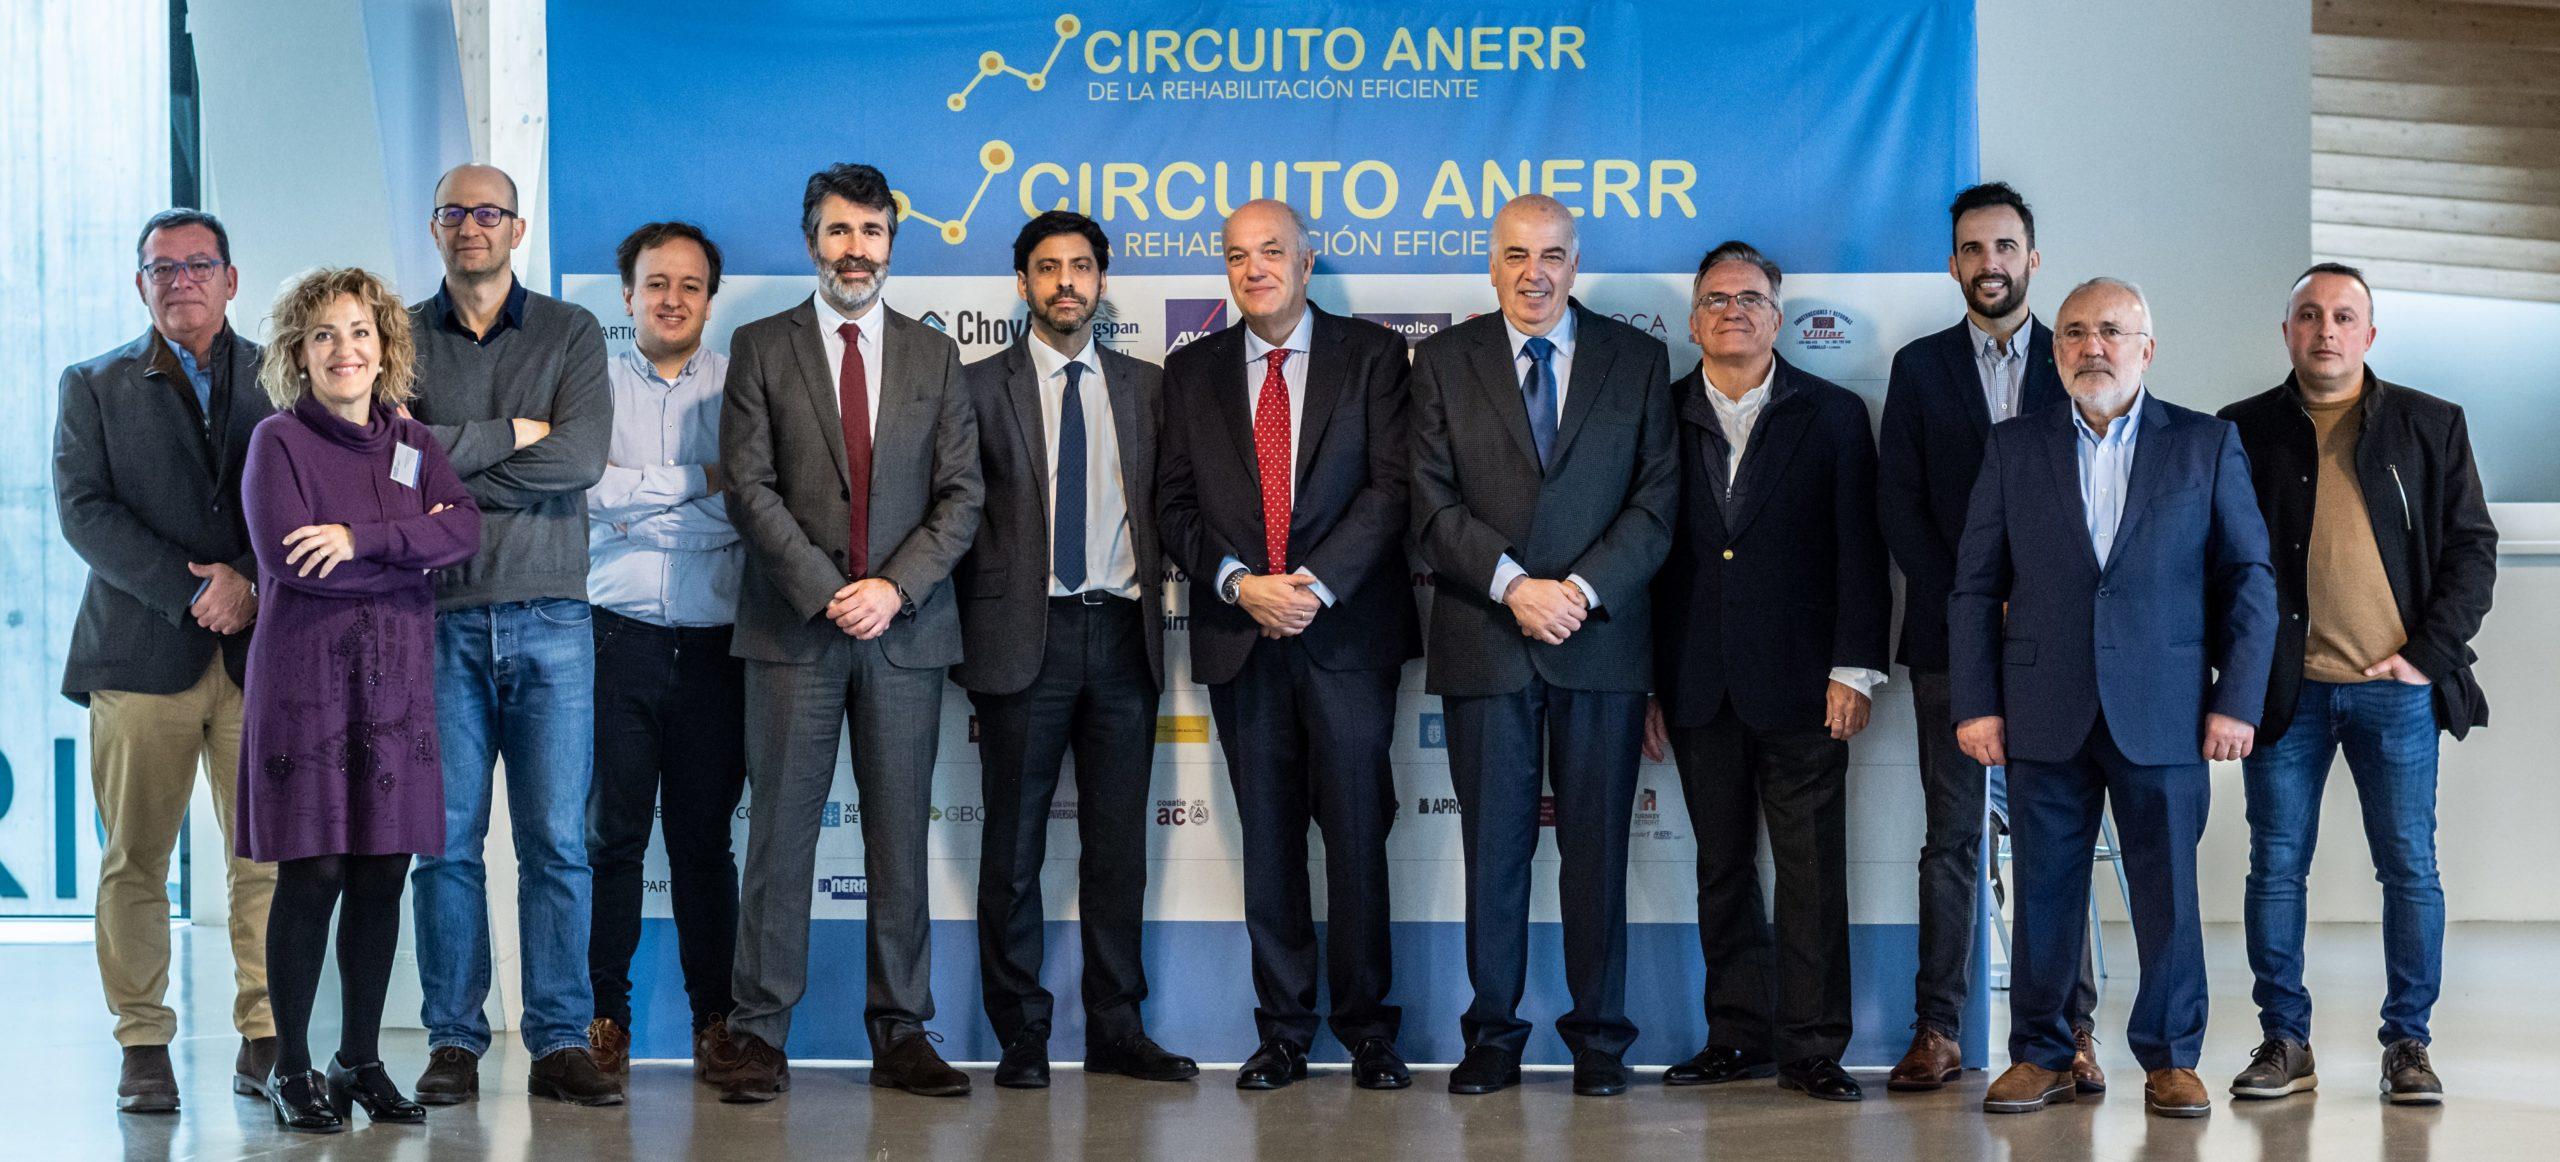 ANERR Post Circuito A Coruna